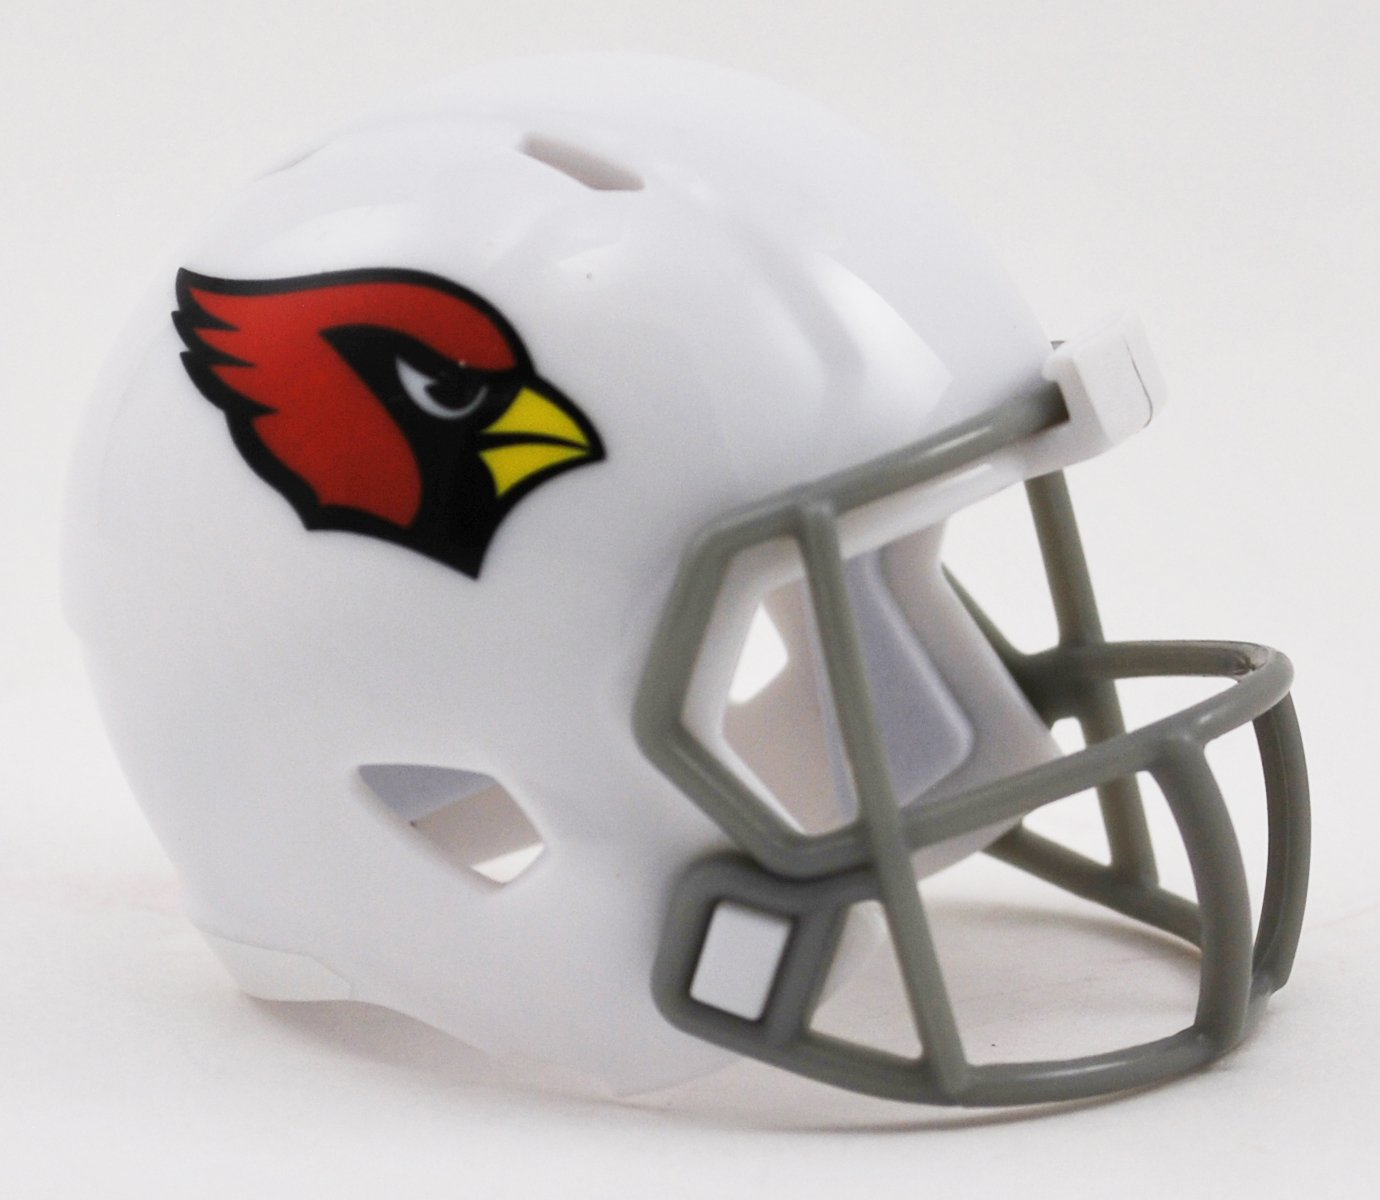 Arizona Cardinals Riddell Speed Pocket Pro Football Helmet New in package